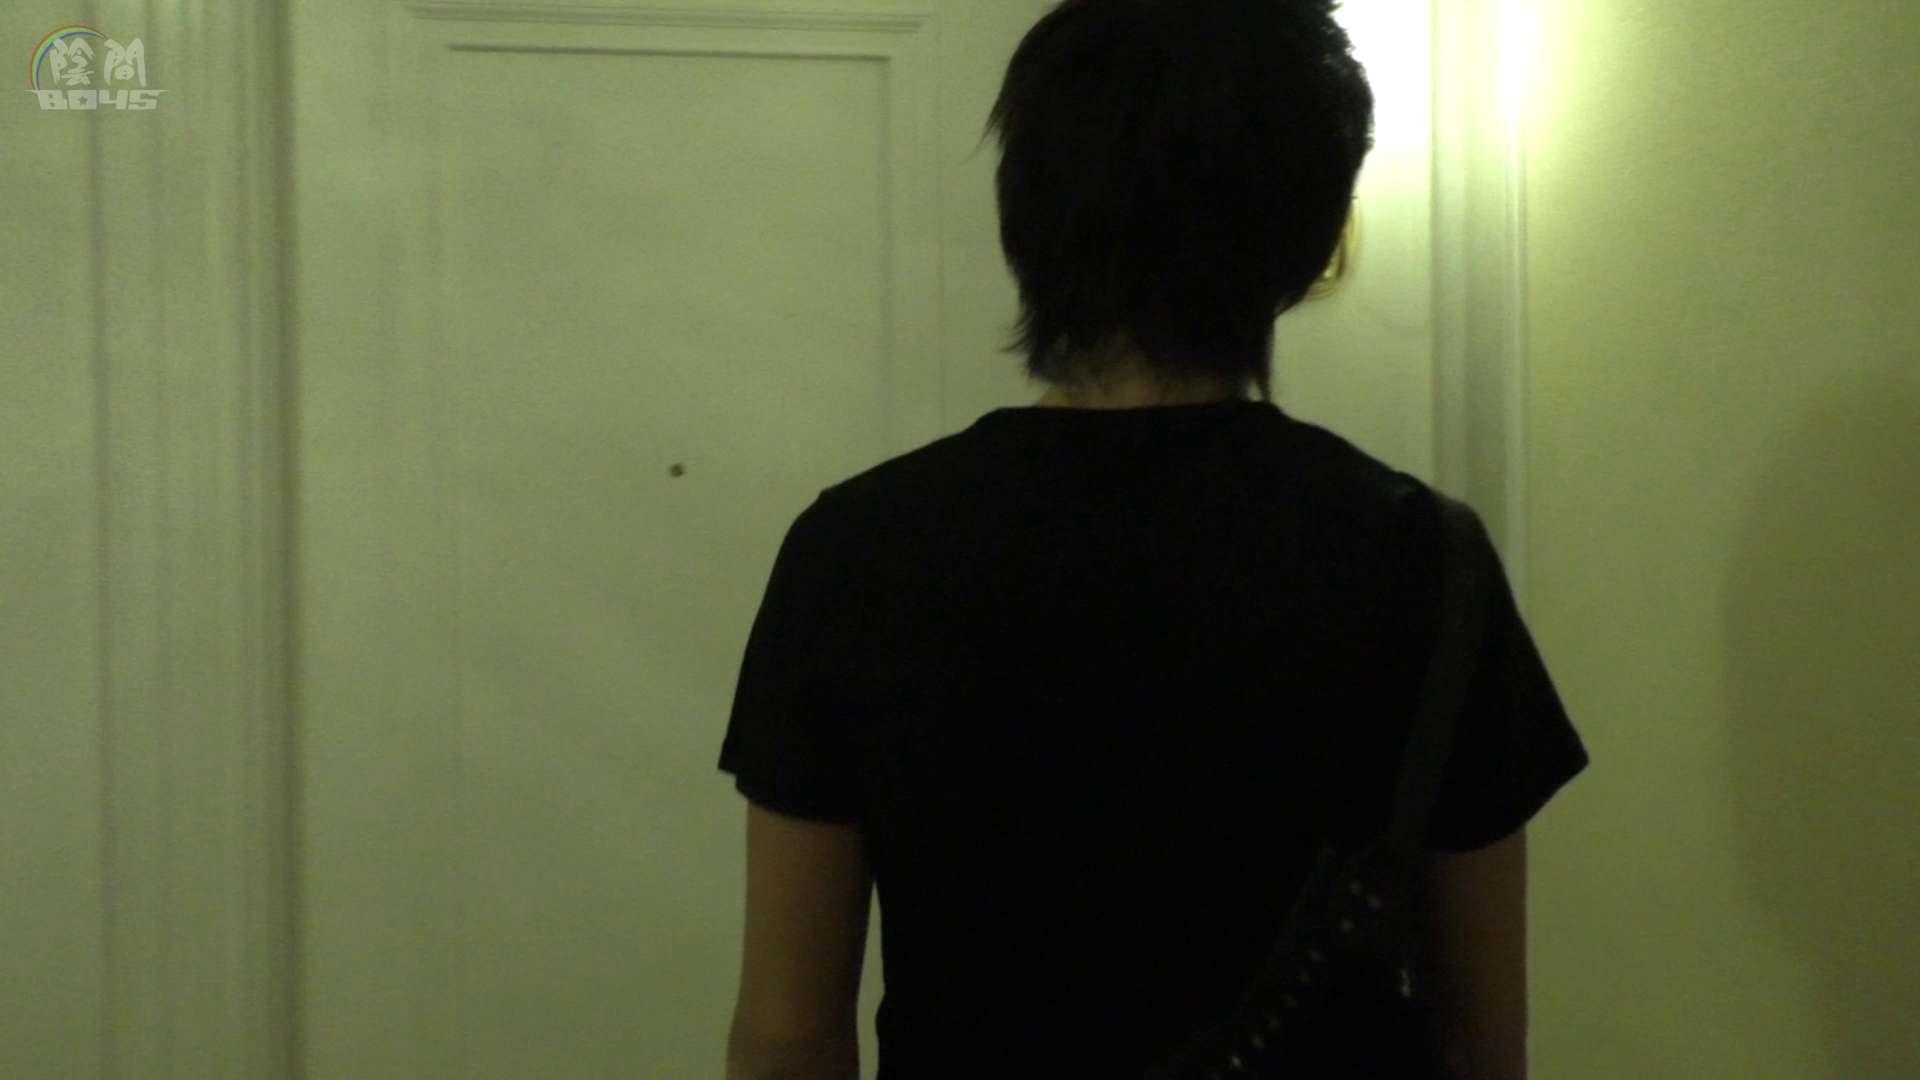 """ADのお仕事part3 part3 No.01""""アナルやばいっす"""" 三ツ星シリーズ ゲイ丸見え画像 116枚 33"""